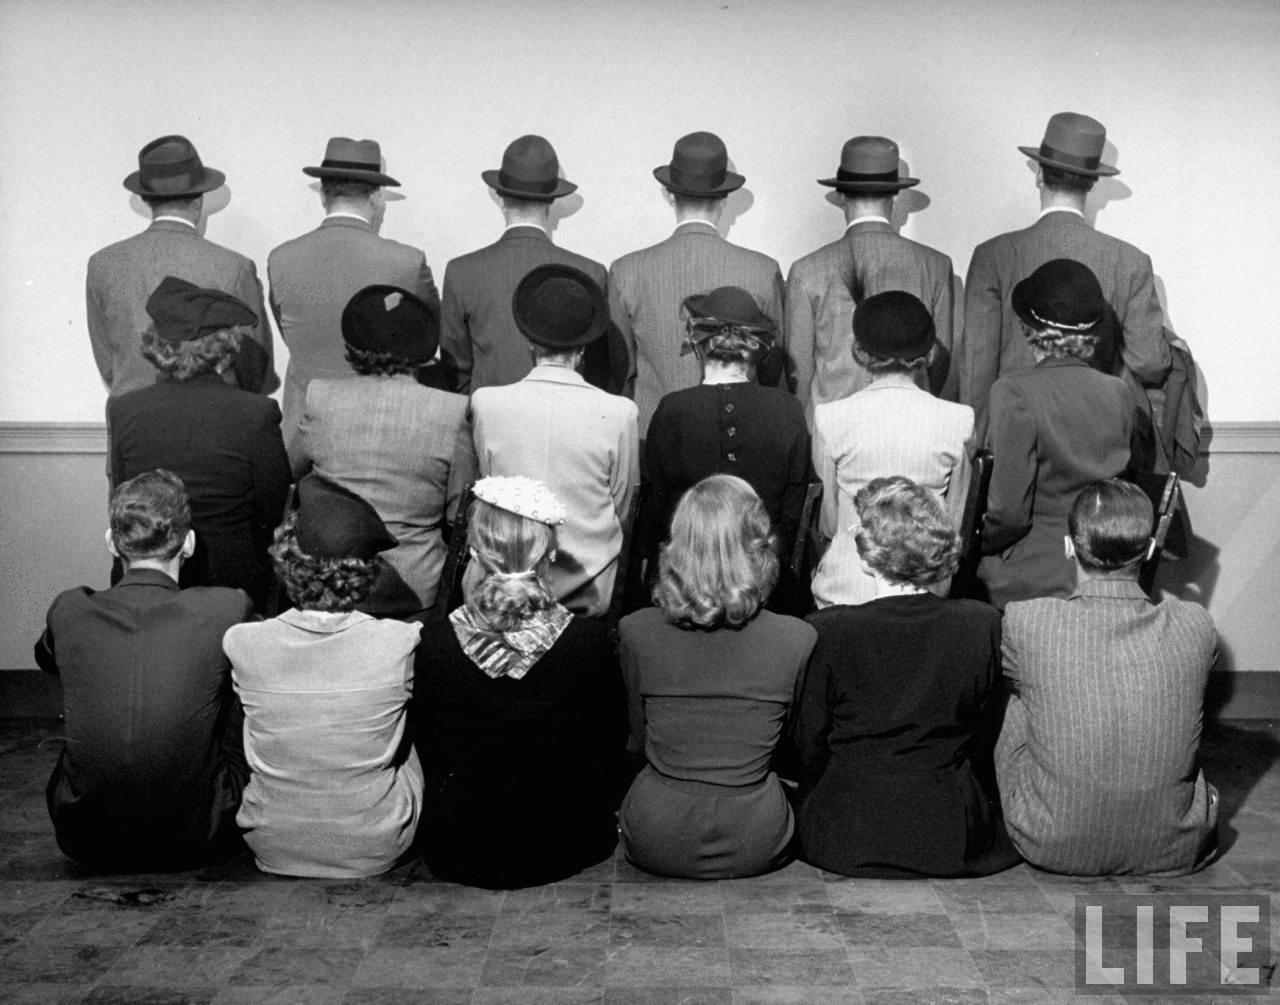 Fotó: Nina Leen: A Macy's civilruhás biztonsági őrei, 1948. december © Nina Leen/Life Magazine